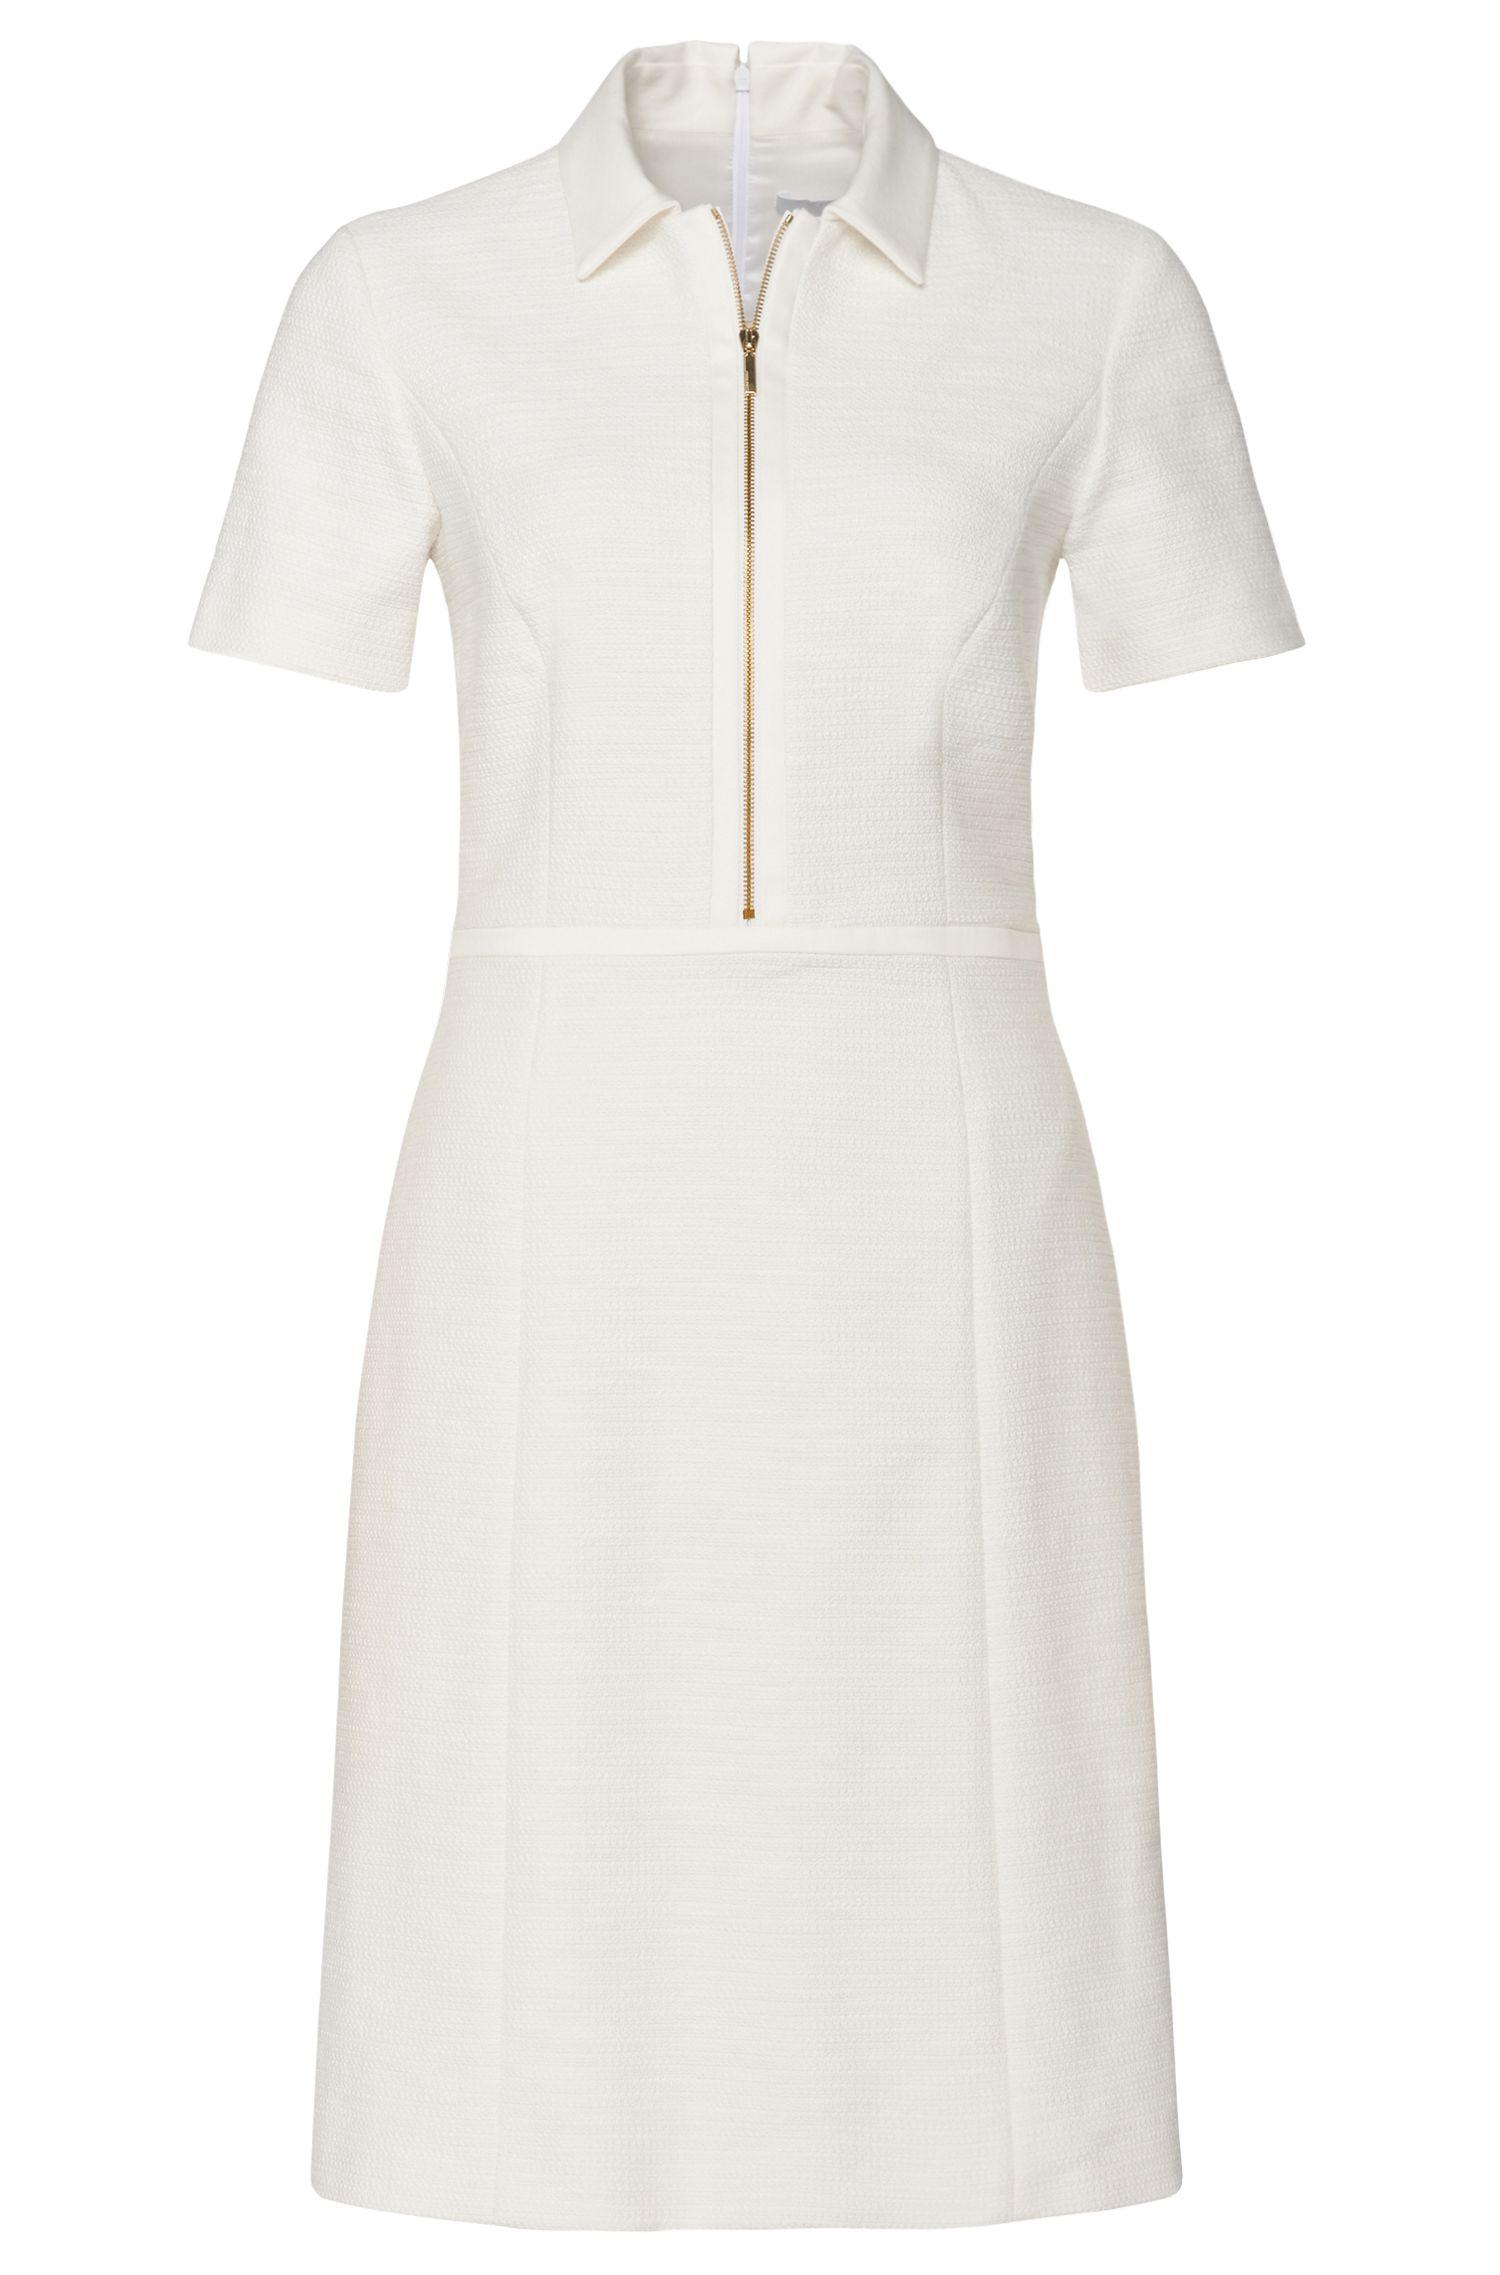 'Harjane' | Stretch Cotton Linen Blend A-Line Shirt Dress